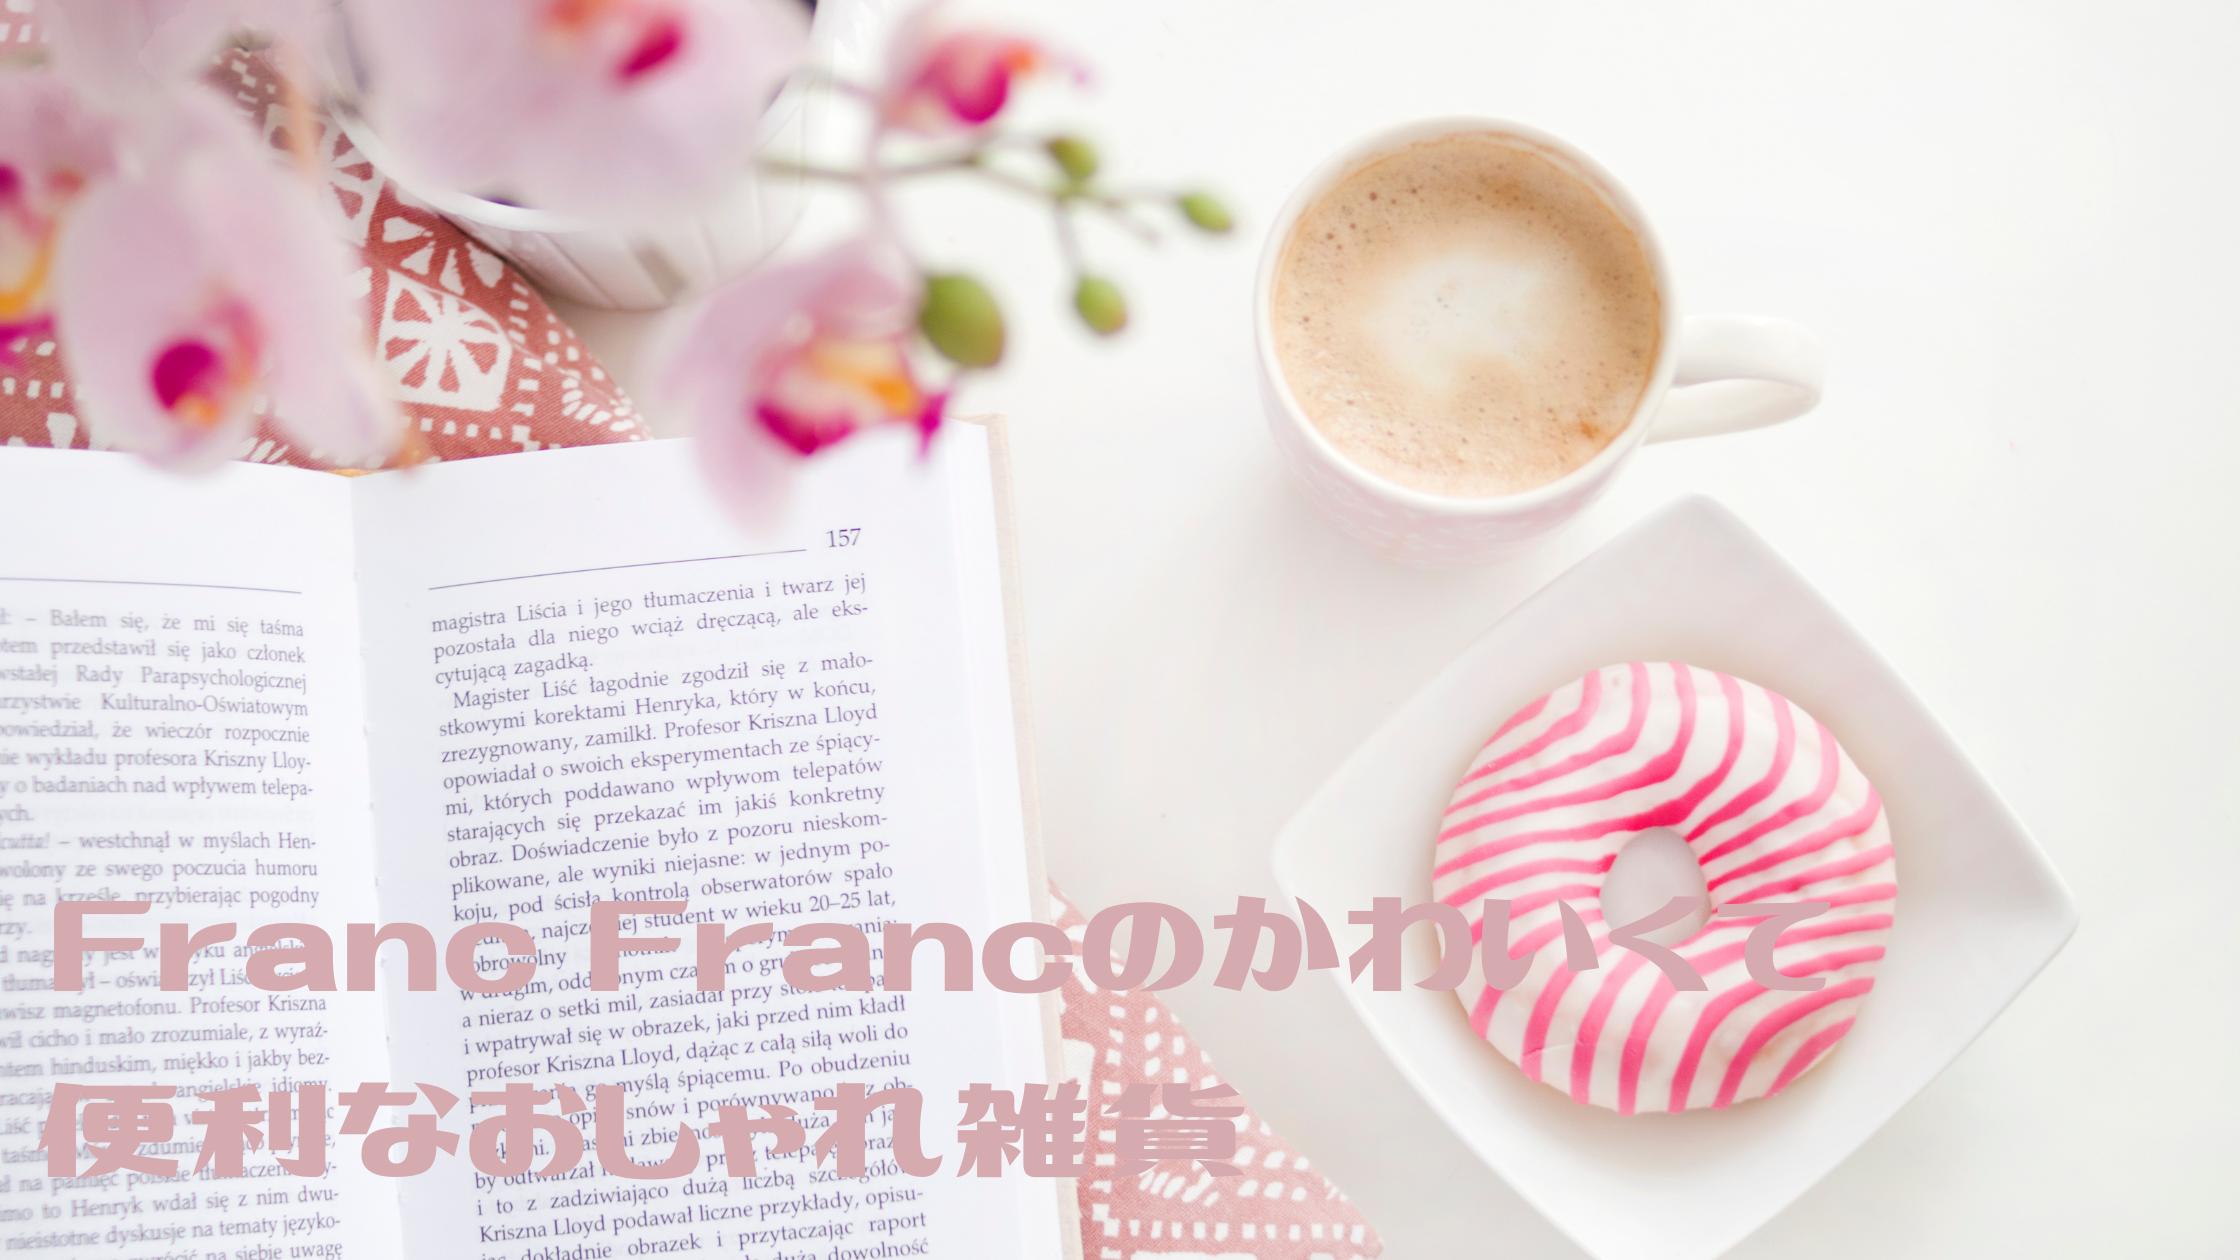 【サタデープラス】贈って楽しい!もらってうれしい!自分へのごほうび&大切な人へのプレゼント【Franc Franc 】のおすすめ雑貨ベスト15